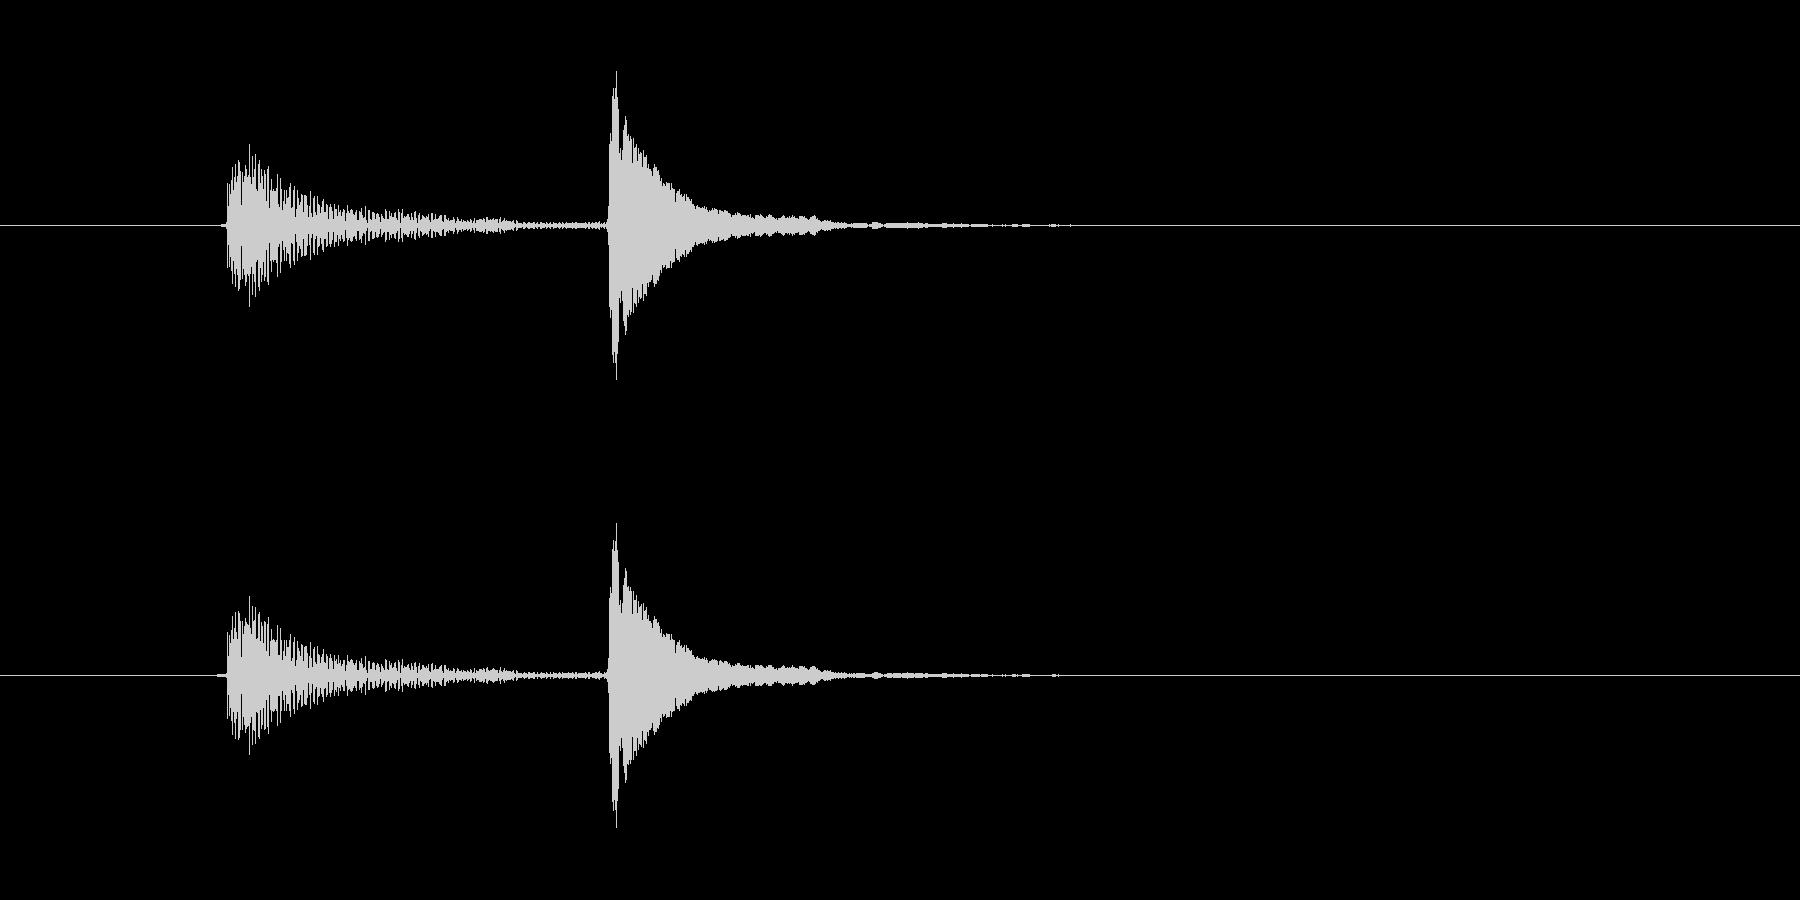 「ポコッ(軽い打撃音)」の未再生の波形